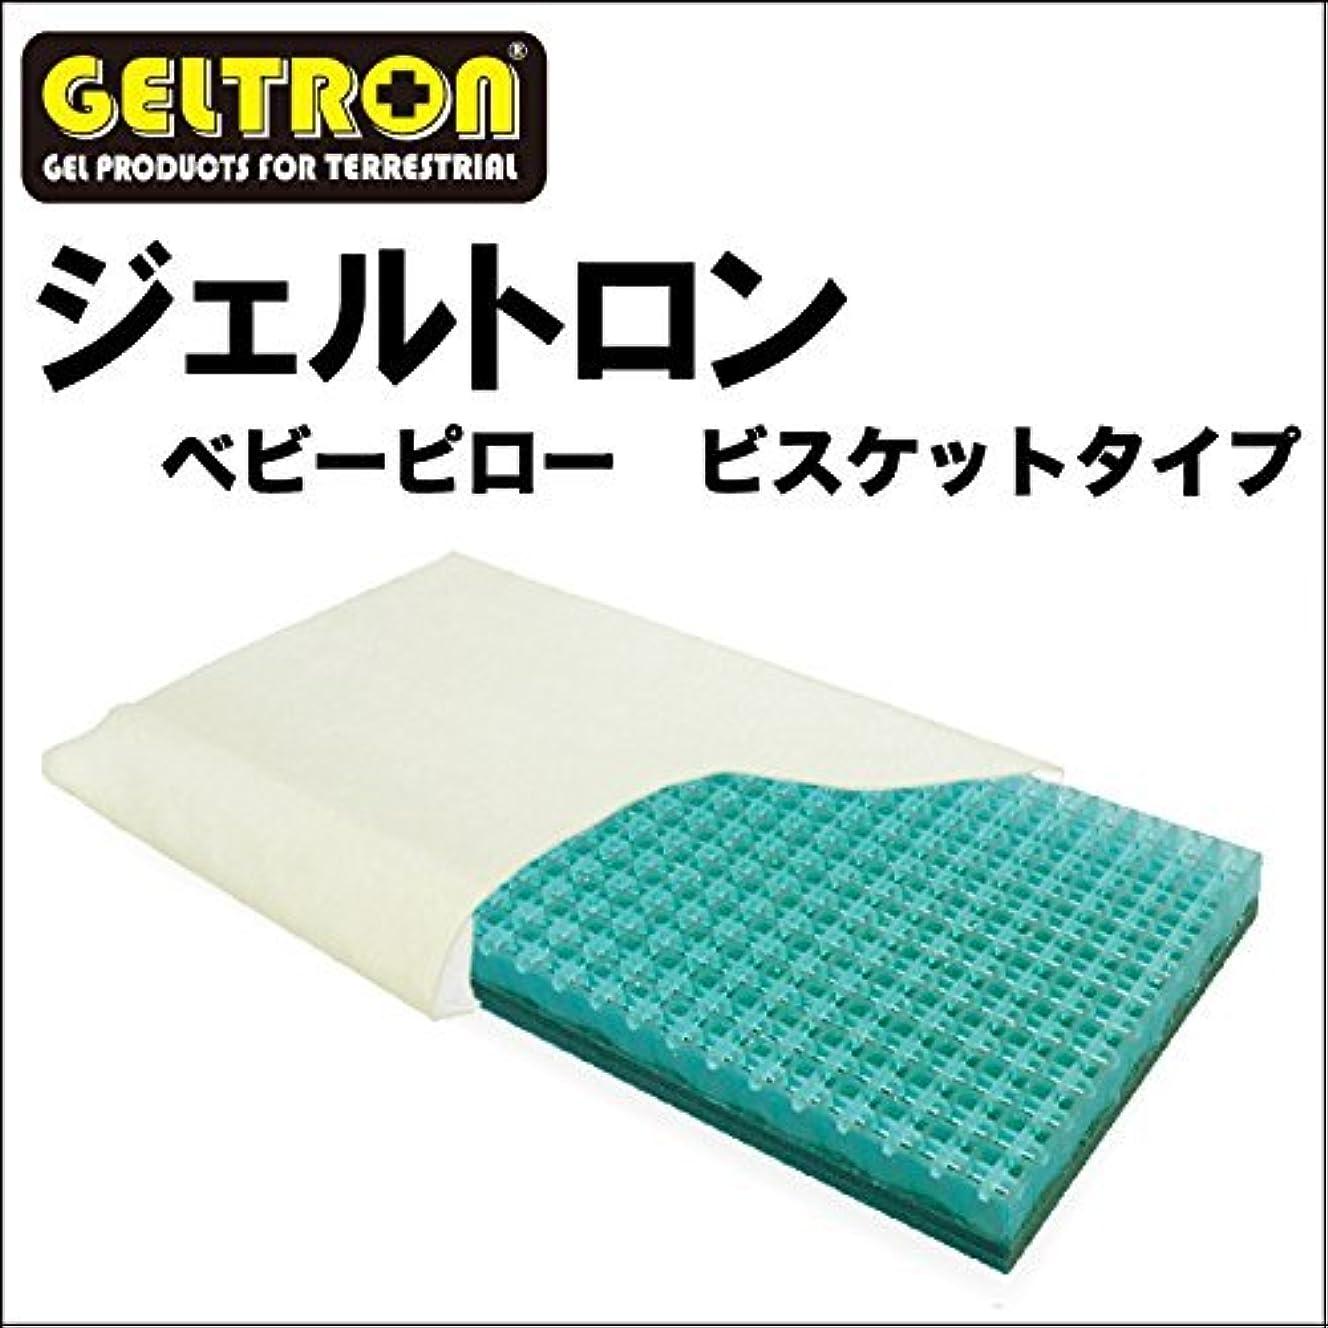 複製厳しいホールドオールジェルトロン ベビーピロービスケットタイプ 約W37×L23×4cm (対象:赤ちゃん~5歳頃)